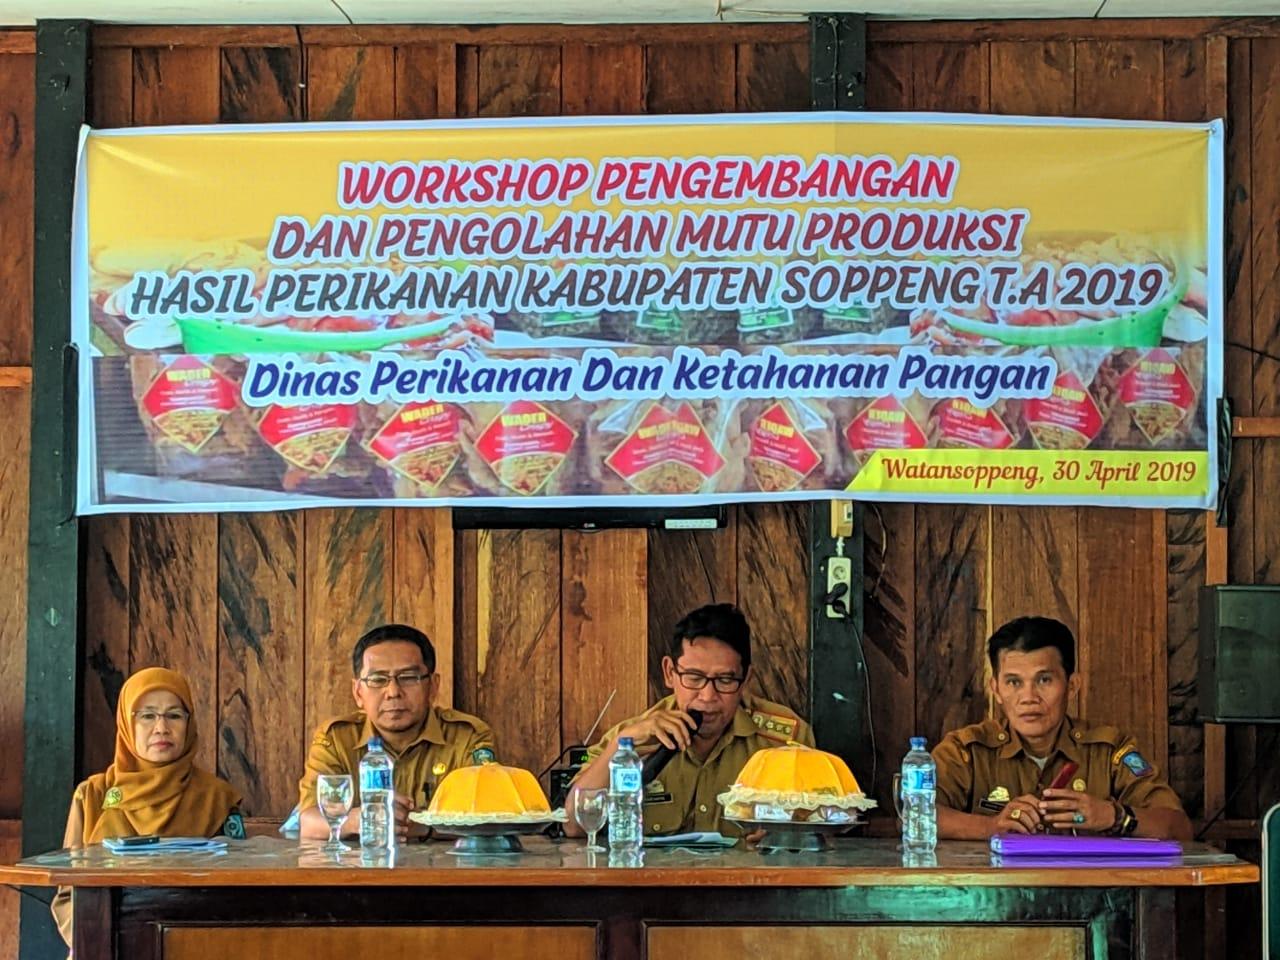 DPKP Soppeng Gelar Workshop Pengembangan Dan Pengelolaan Mutu Produksi